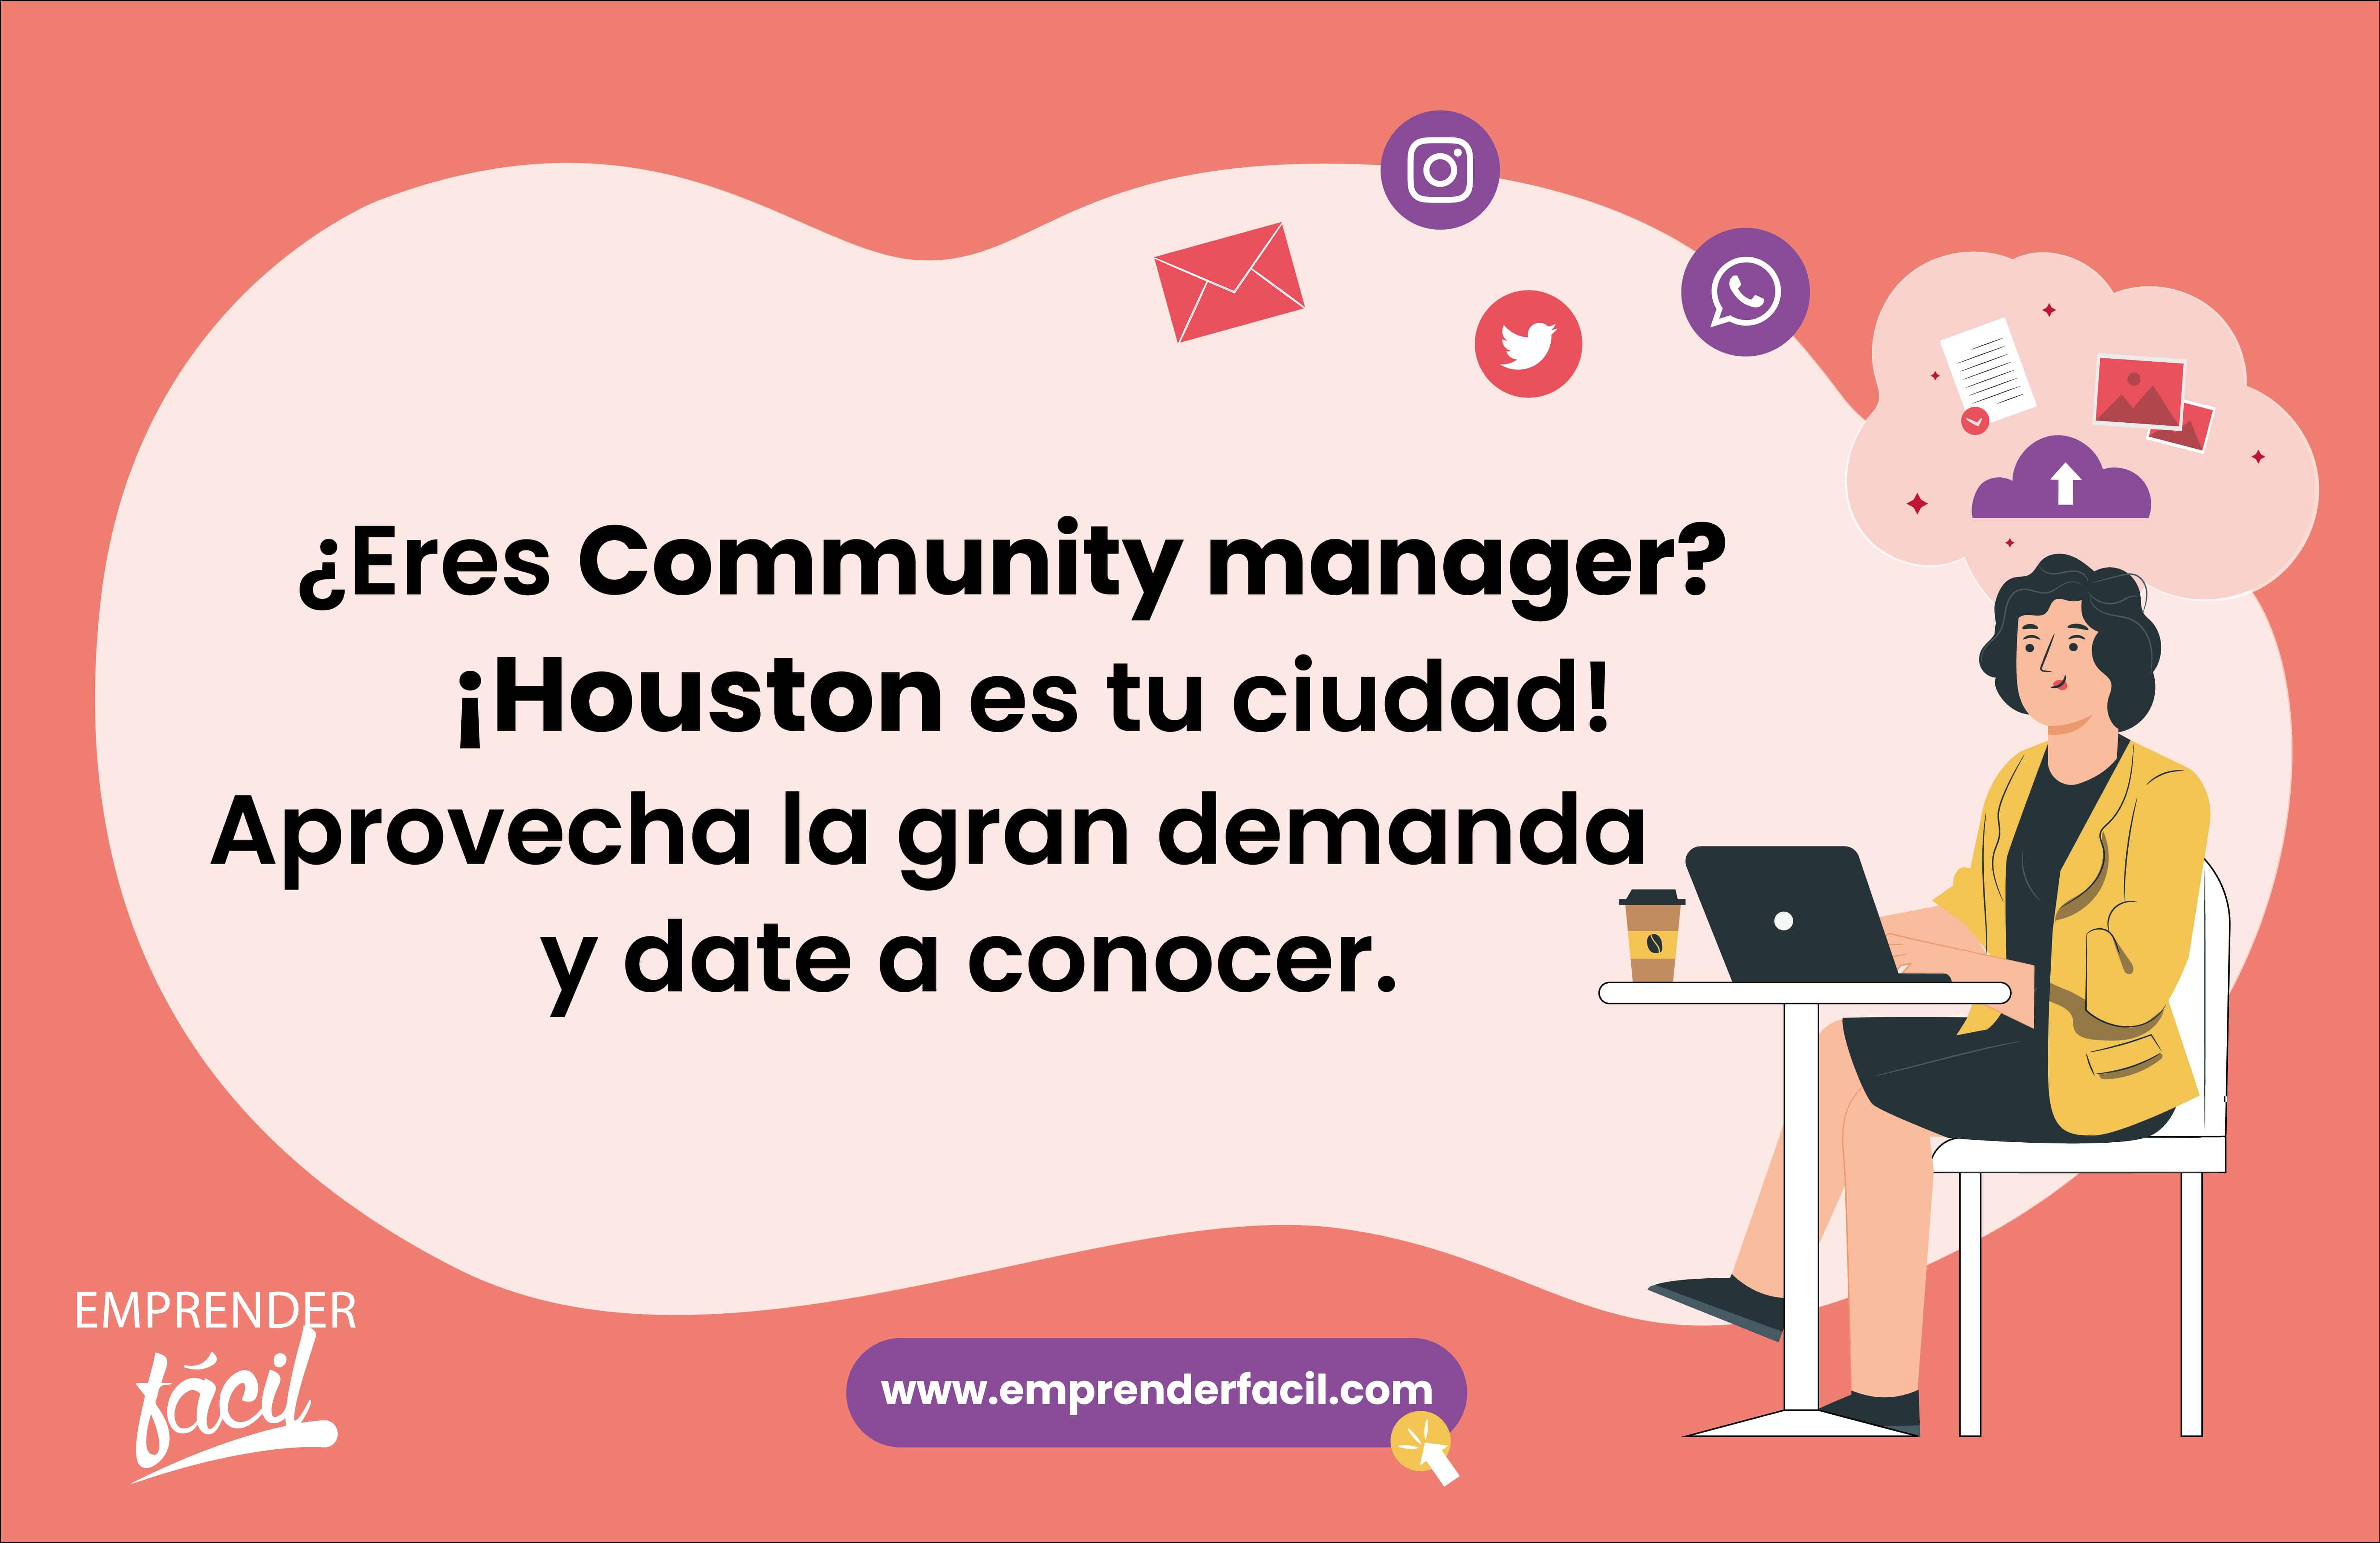 Se community manager y gestiona las redes sociales de tus clientes. Sin duda uno de los negocios rentables en Houston.